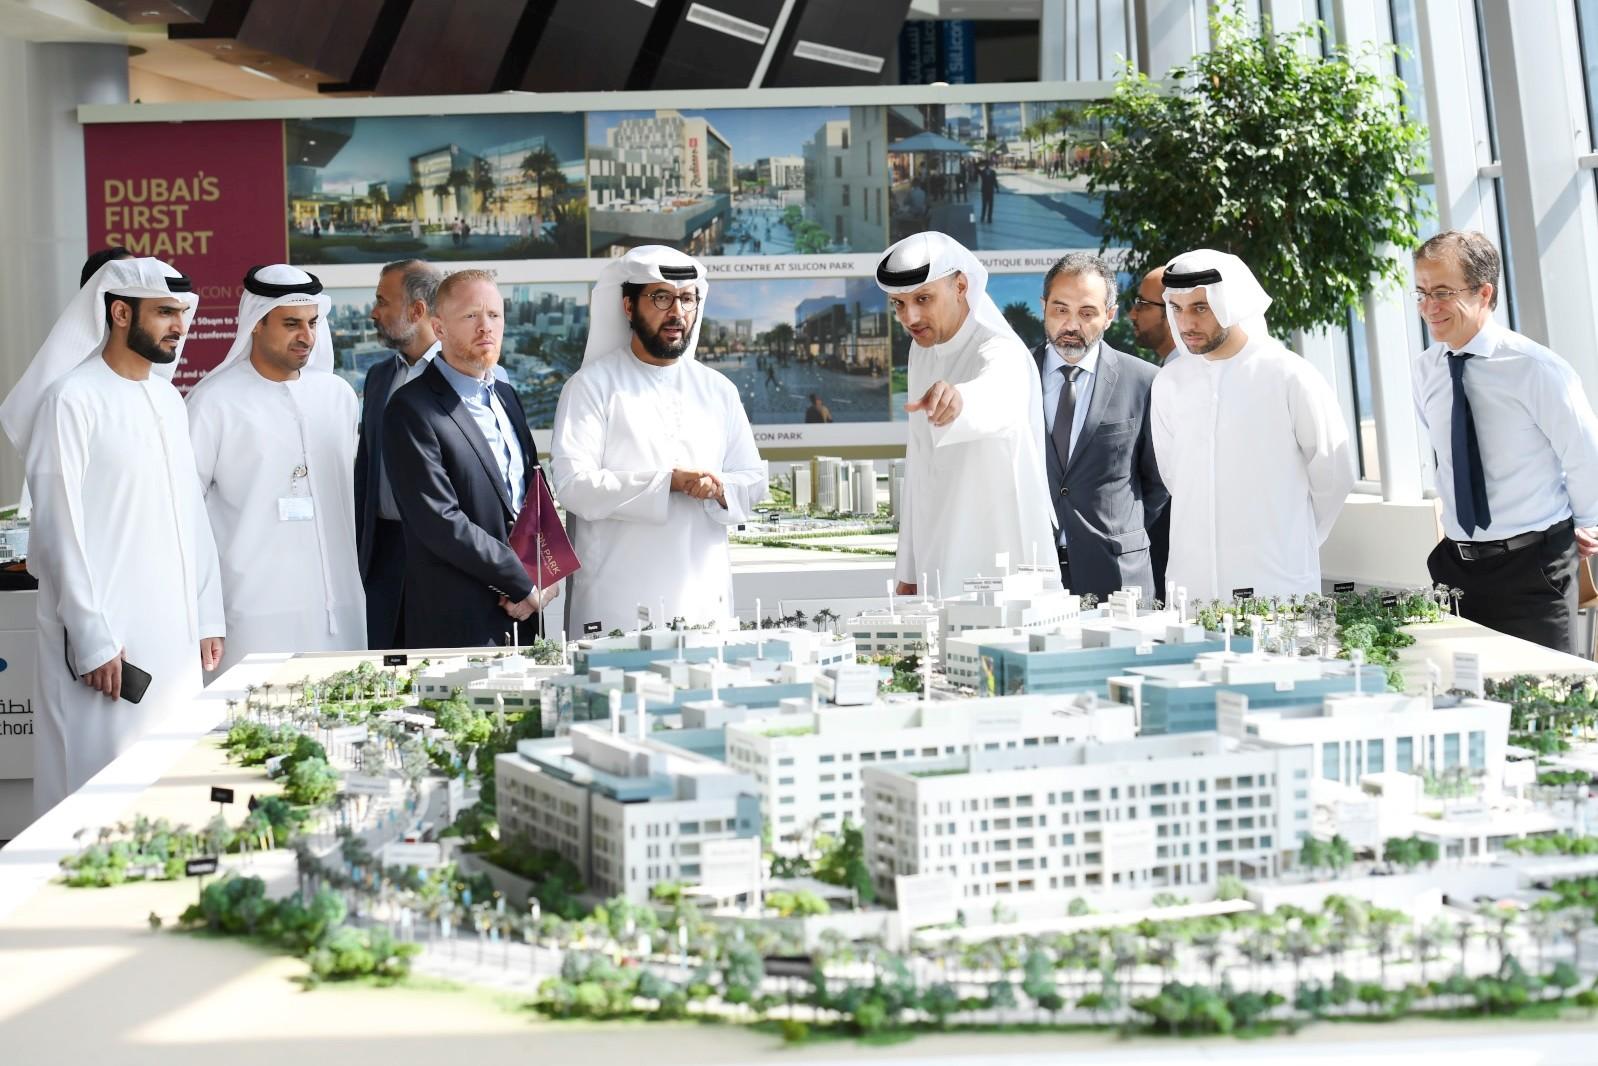 إنجاز أول مدينة ذكية متكاملة في دبي